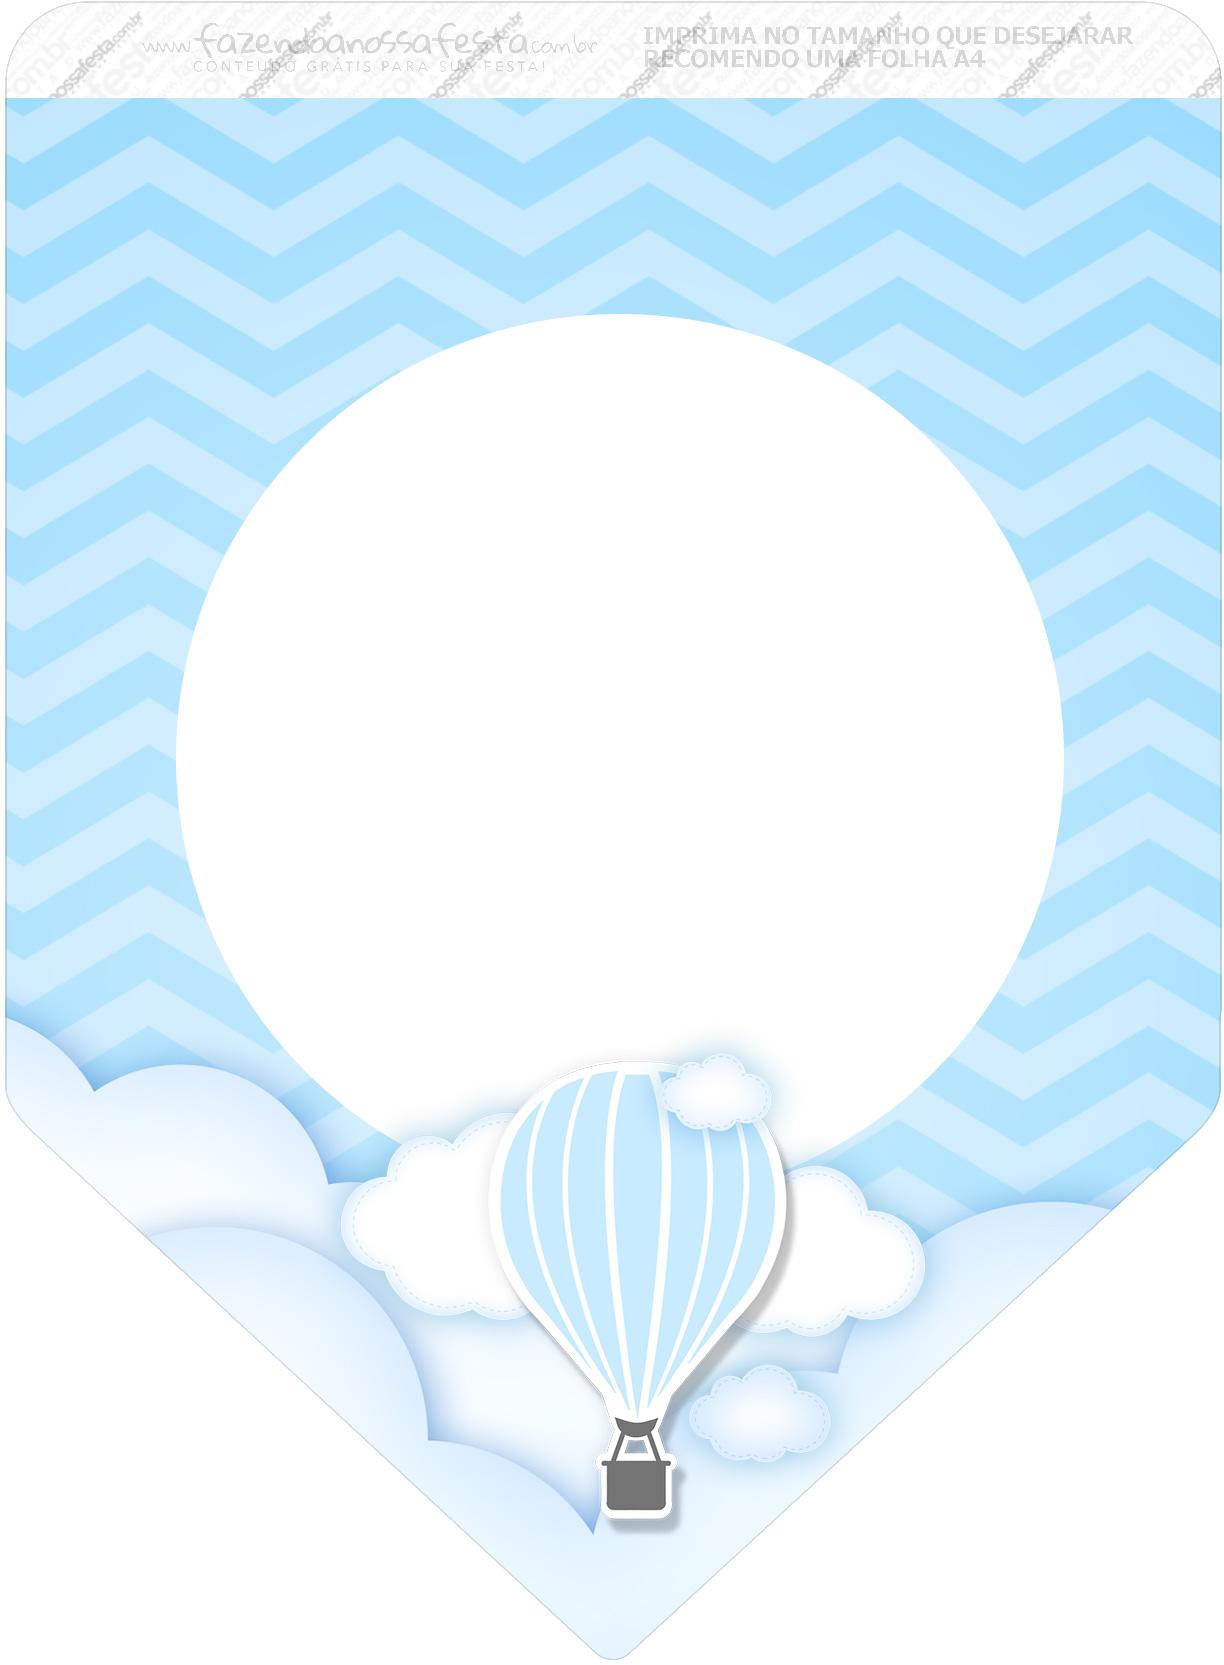 Bandeirinha Varalzinho 3 Balão de Ar Quente Azul